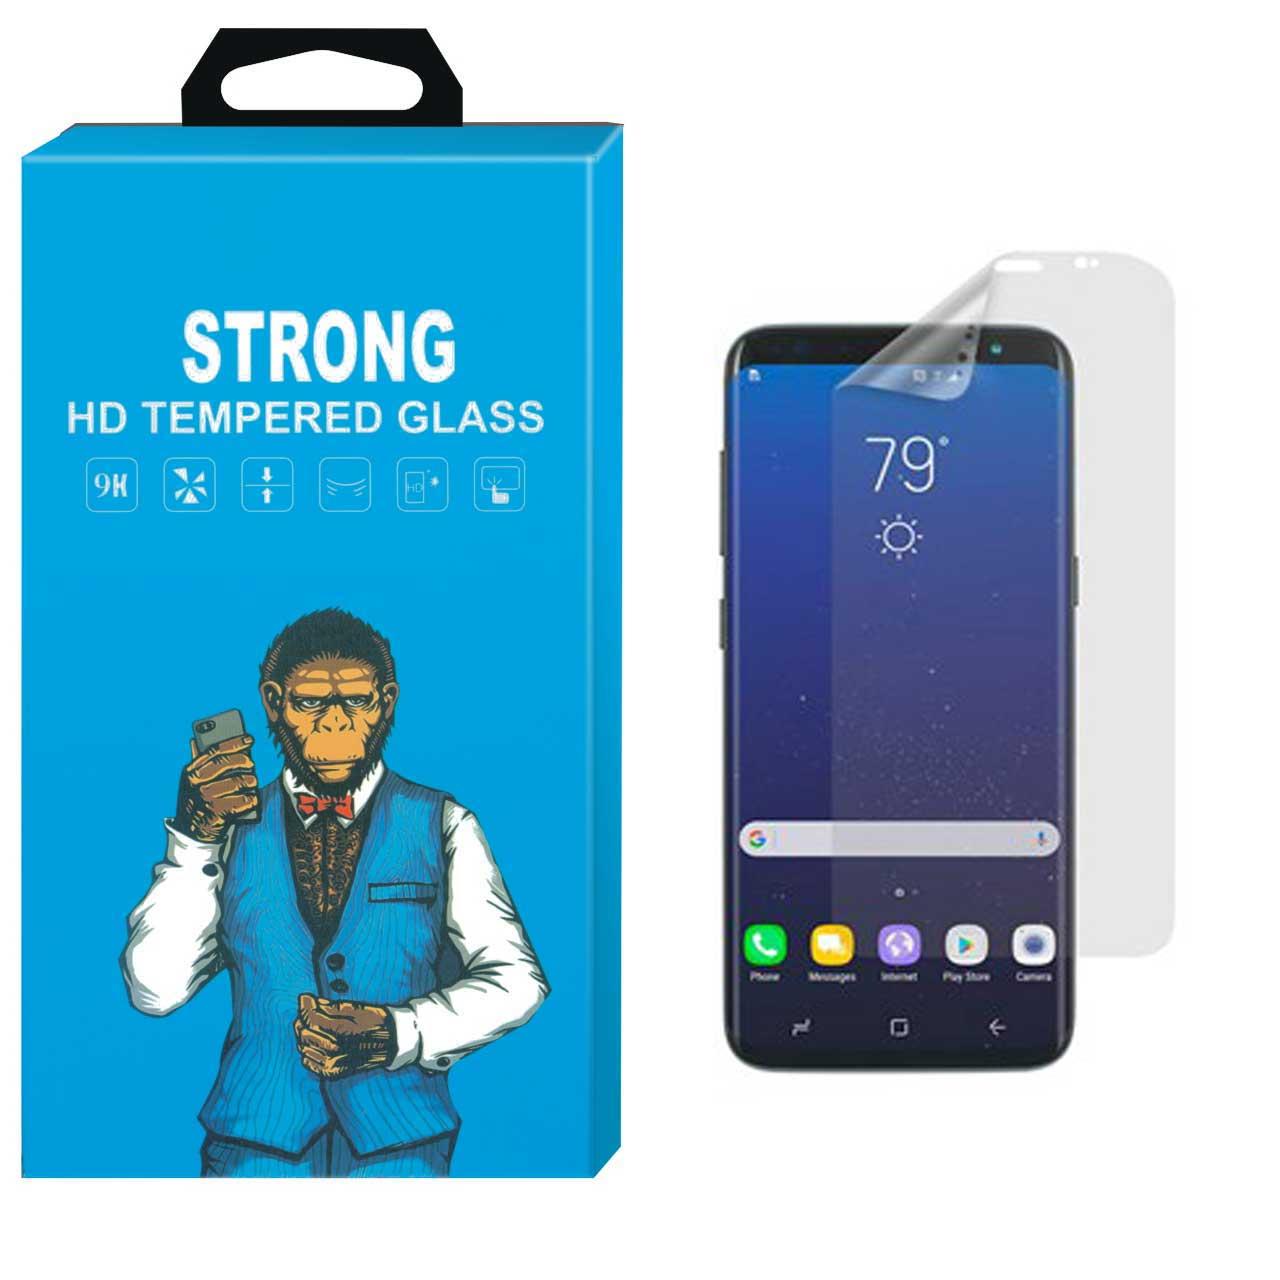 محافظ صفحه نمایش نانو فلکسبل مانکی استرانگ مدل  Fullcover مناسب برای گوشی سامسونگ گلکسی S8 Plus